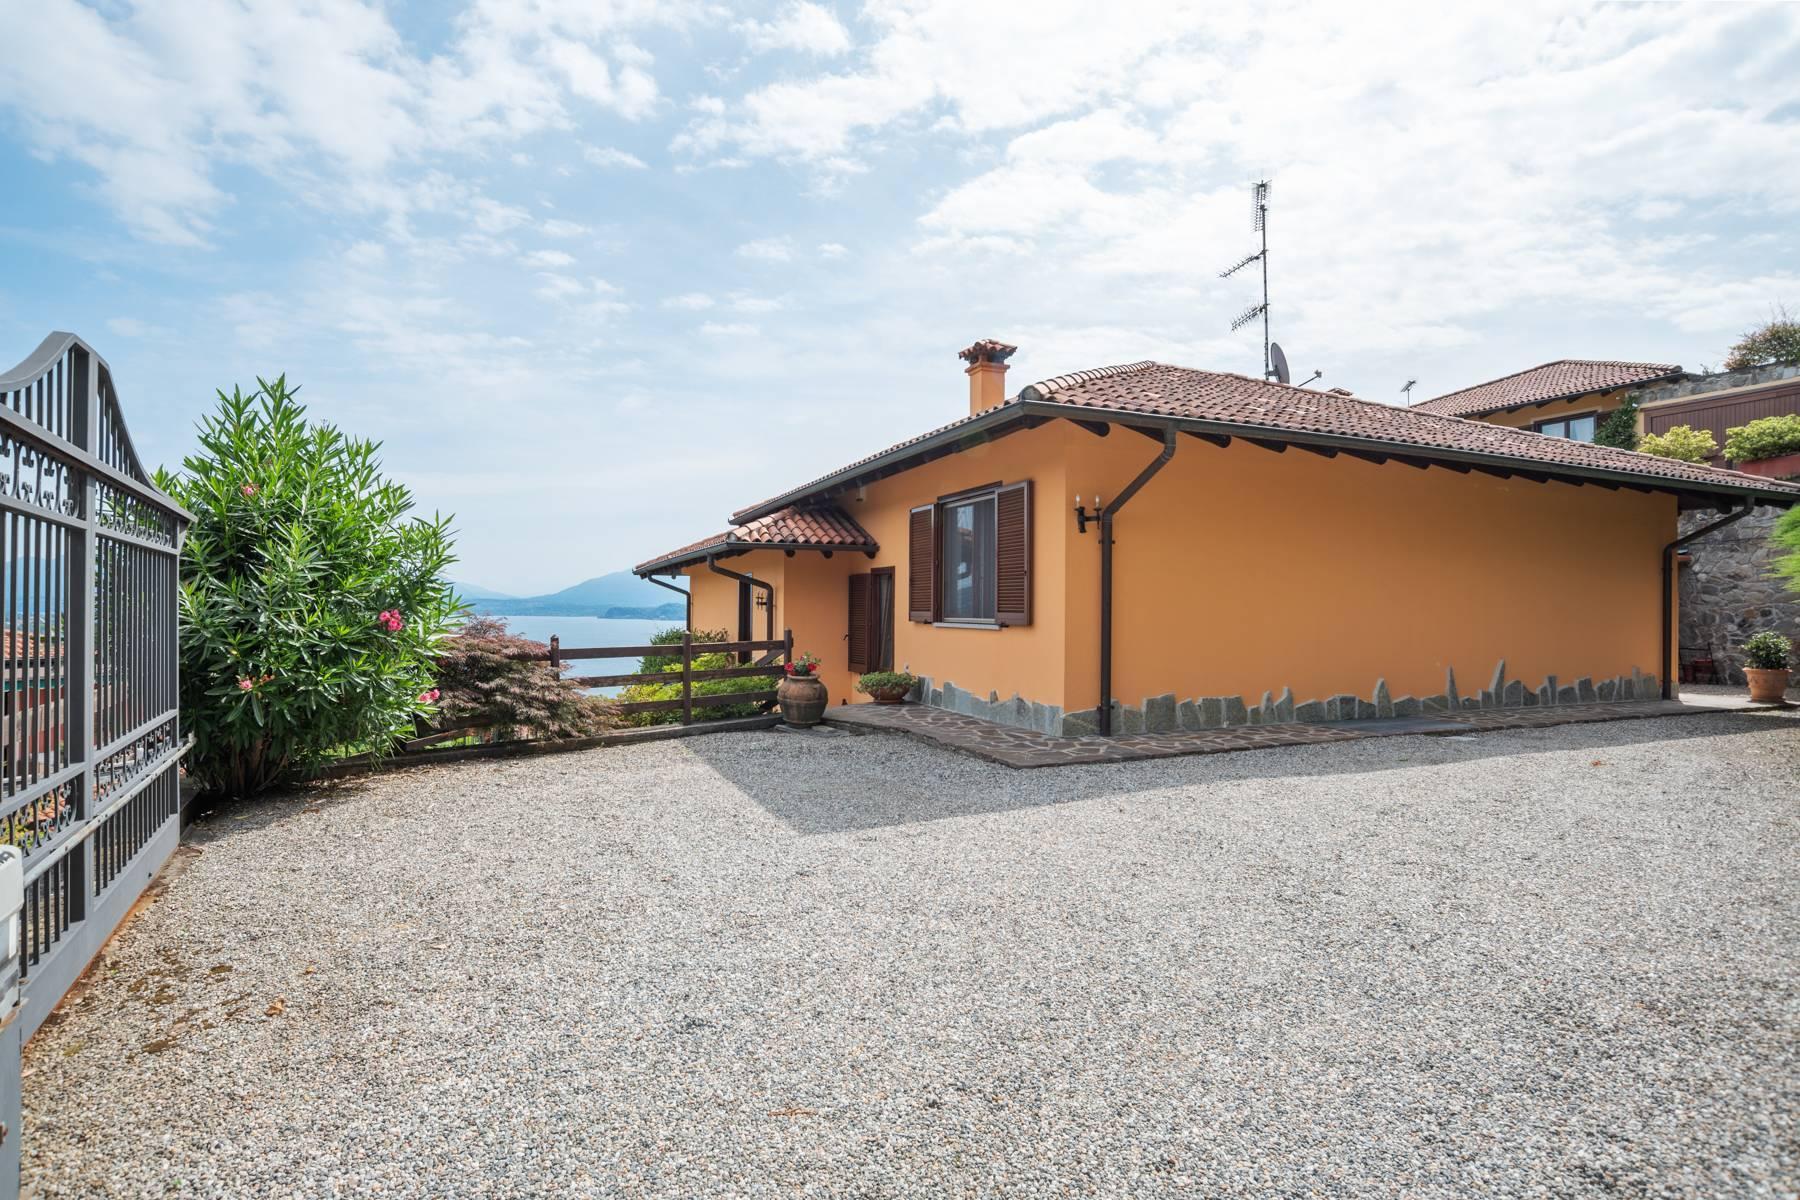 Villa sulle colline di Meina con vista lago - 33